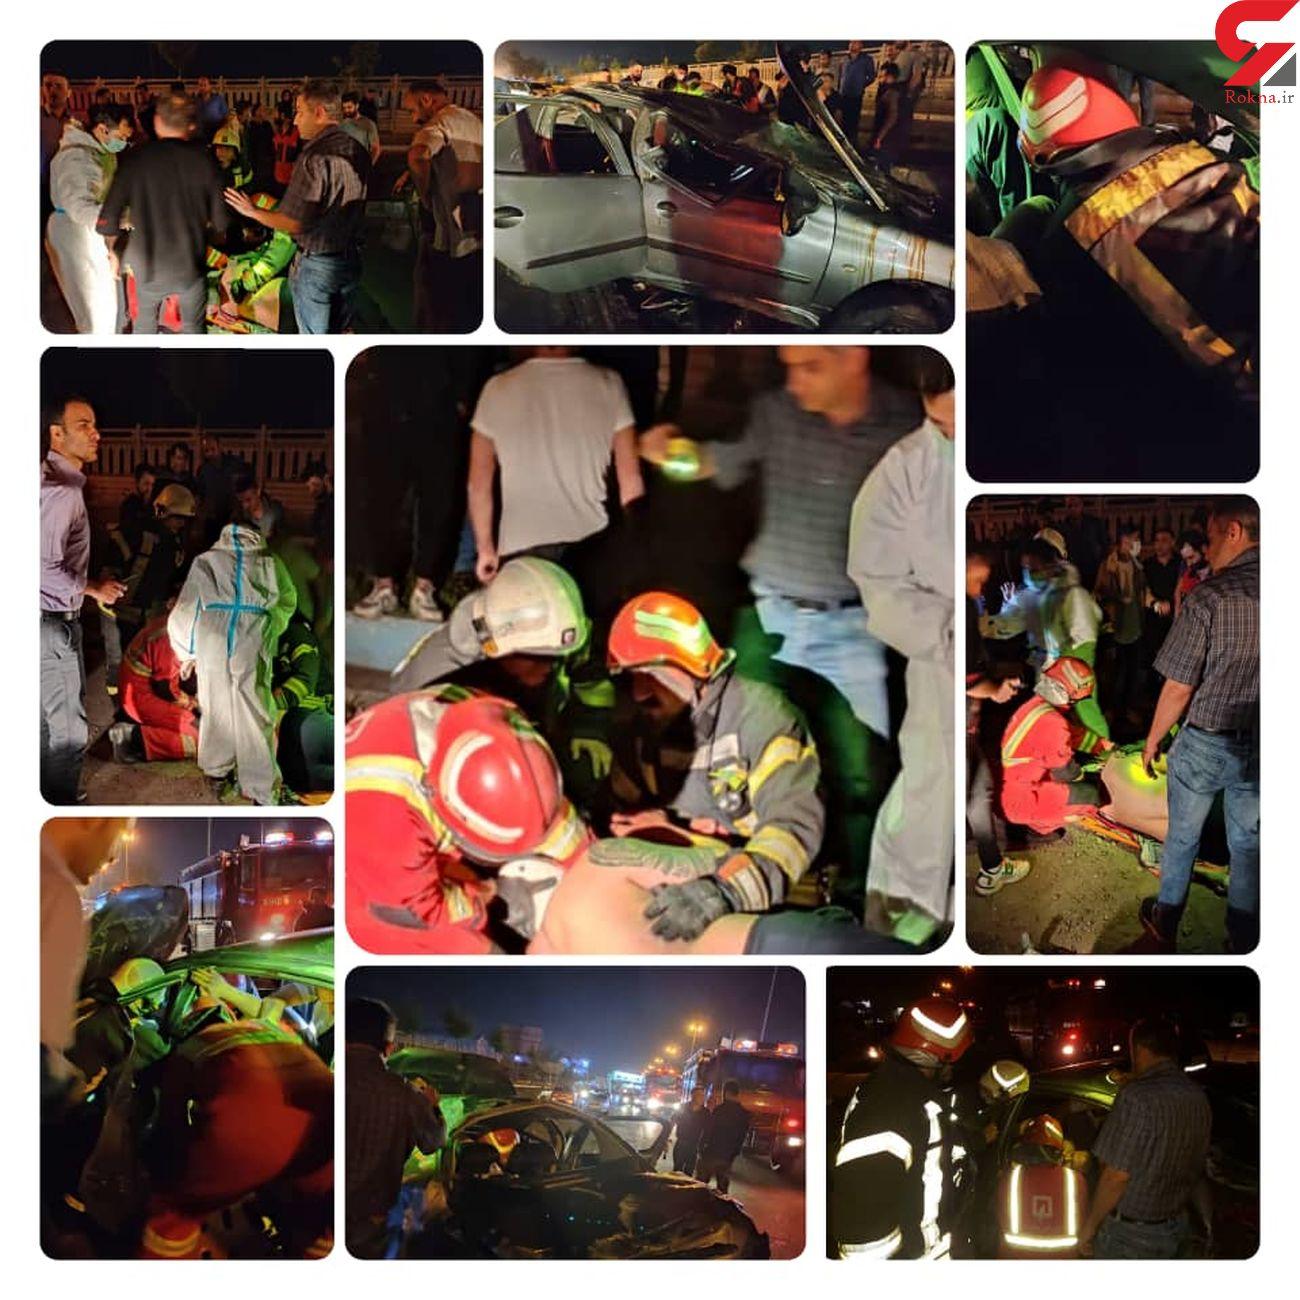 راننده 206 در ماشین محبوس شد + عکس